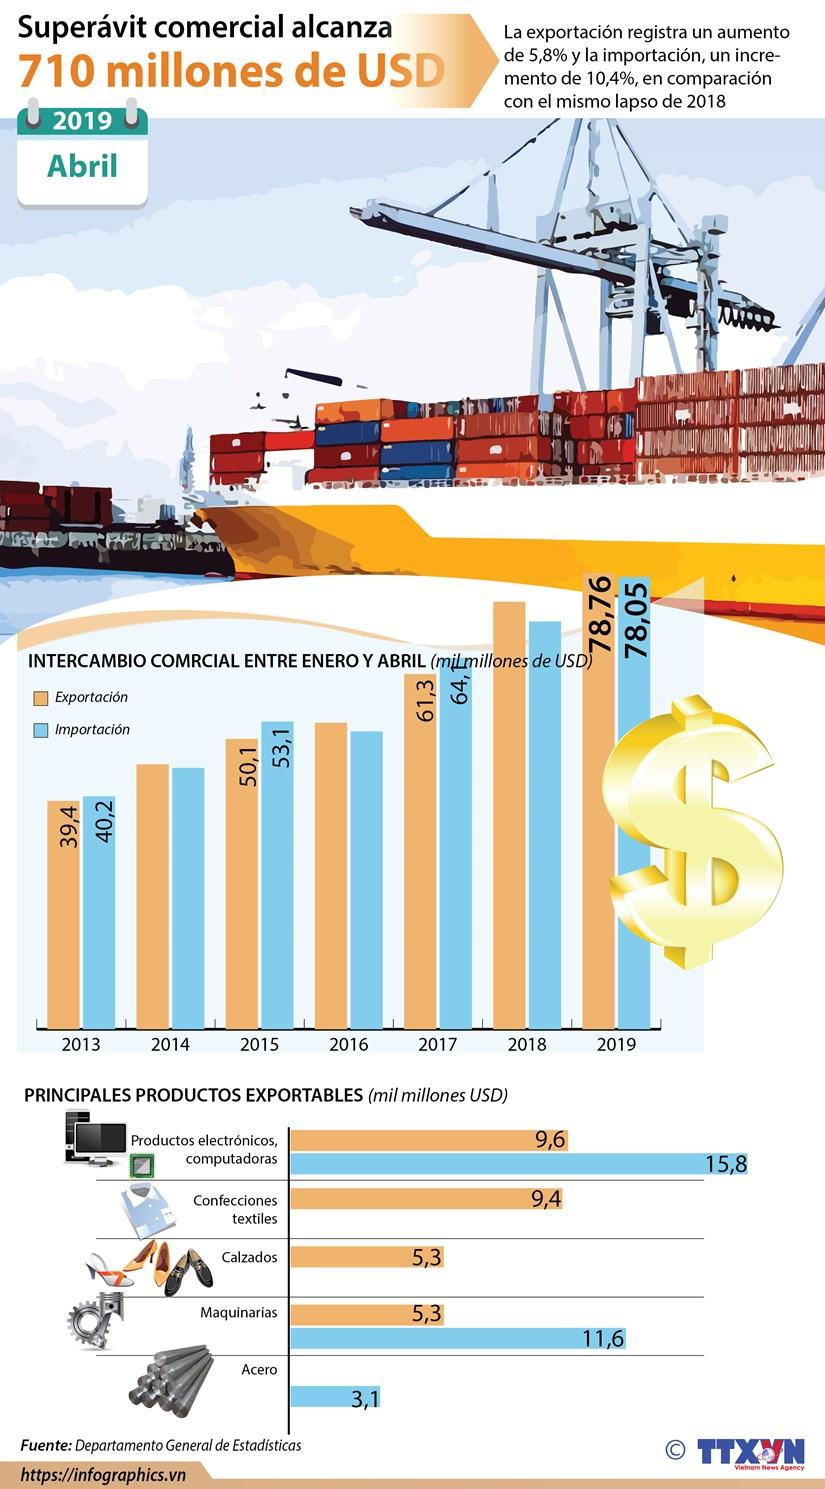 [Info] Superavit comercial alcanza 710 millones de dolares en abril hinh anh 1